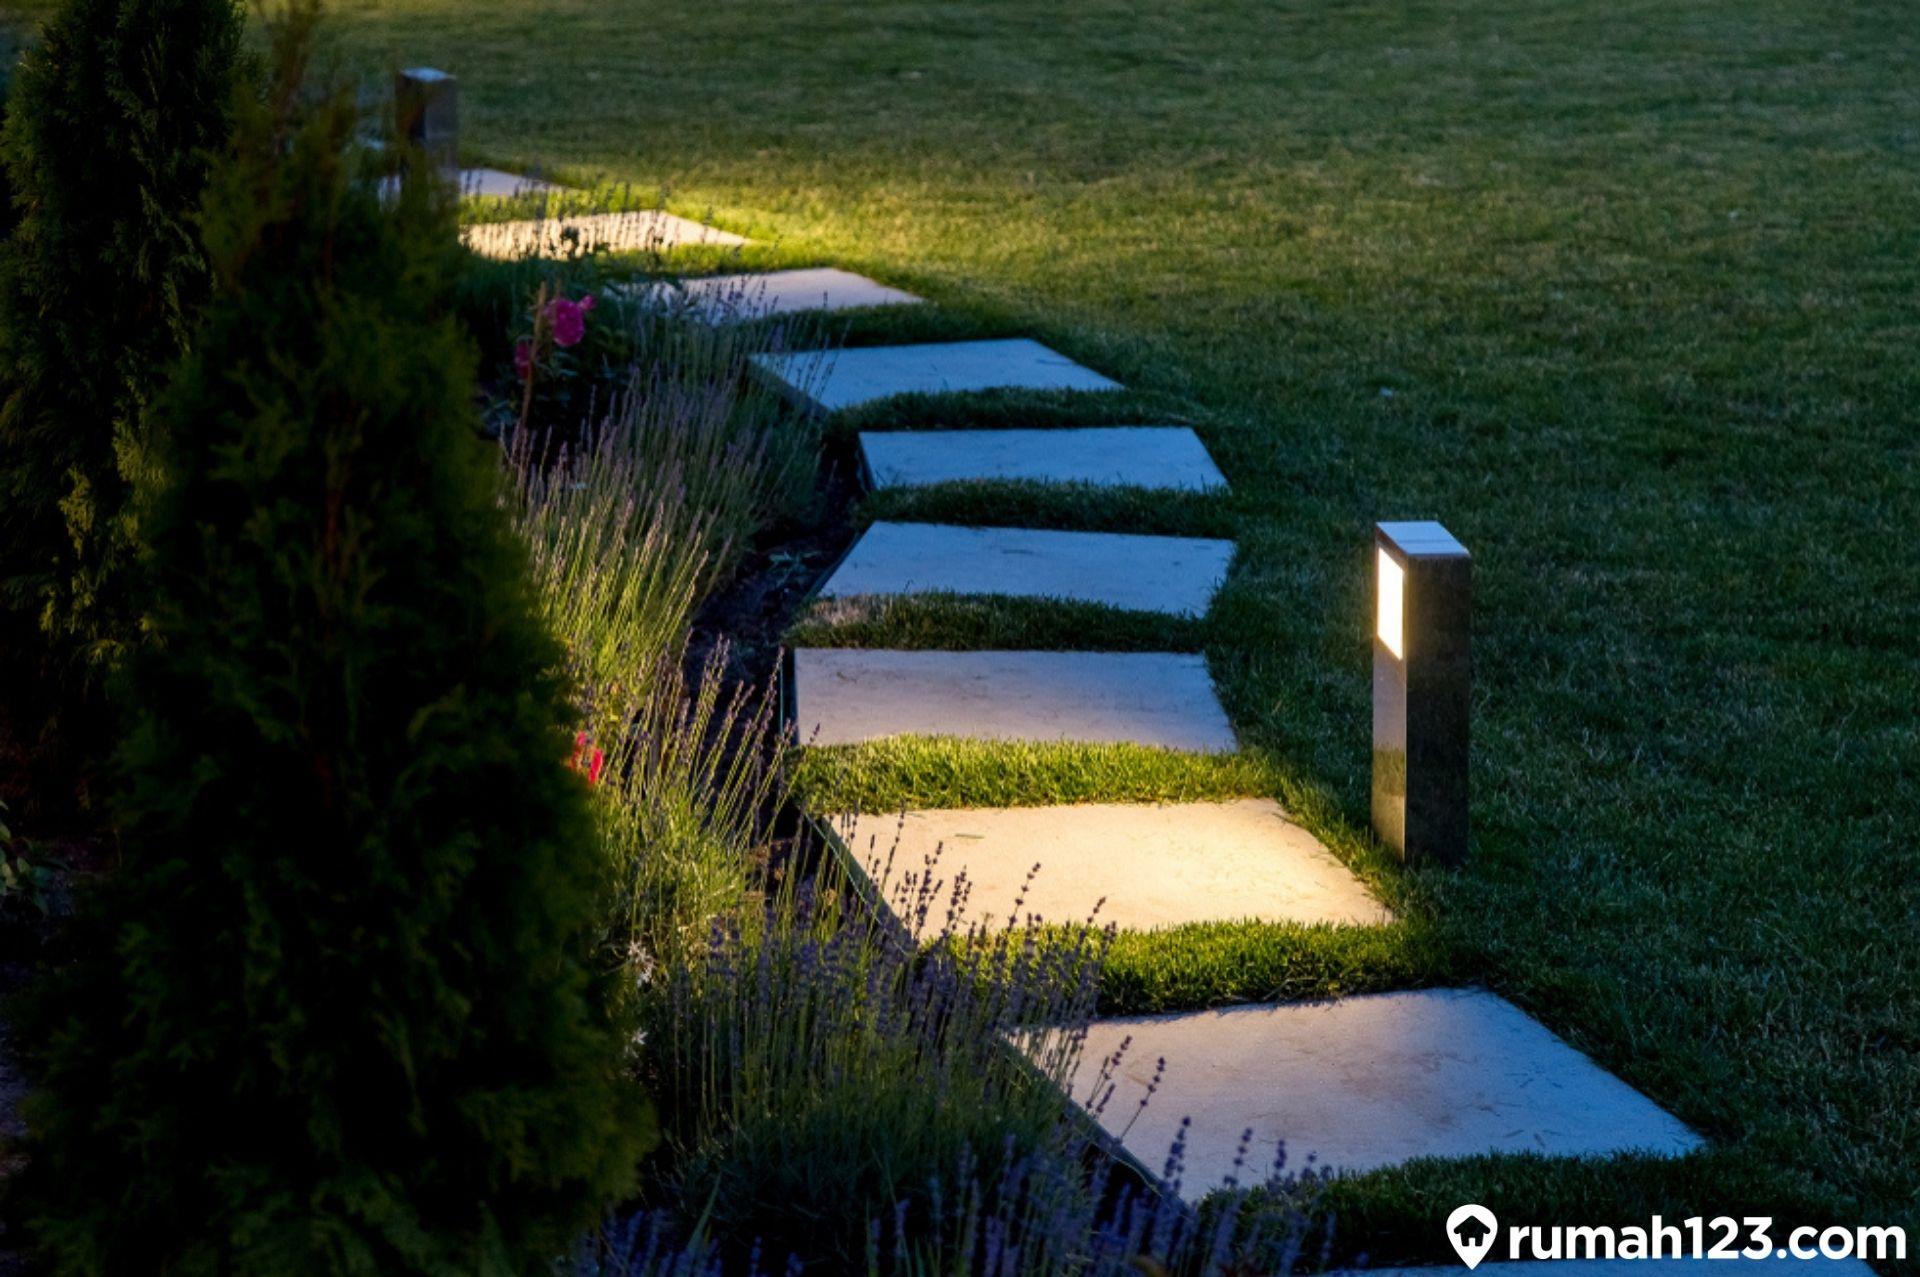 20 Gambar Lampu Taman Minimalis Yang Cocok Untuk Hunian Sempit Rumah123 Com